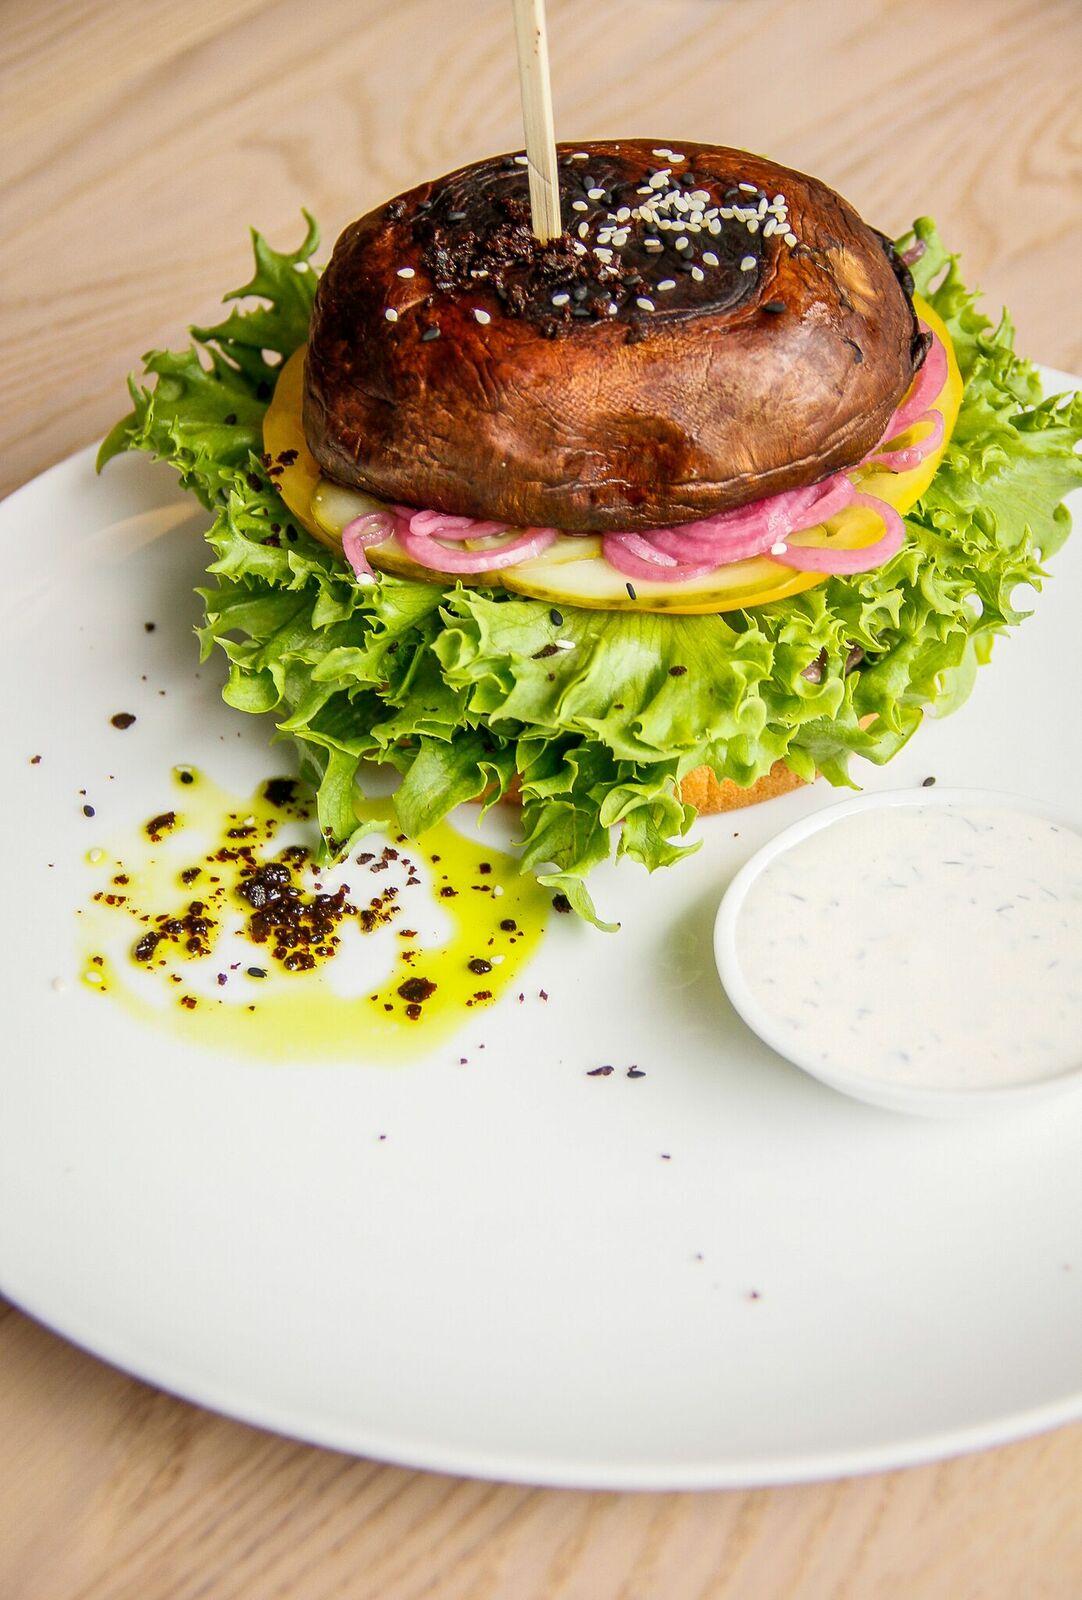 - ....Chapters Portobello Burger 12€NB! Pealkiri võib olla esmapilgul eksitav, sest tegemist ei ole taimetoidu burgeriga. Kirjeldusest selgub, et burgeri vahel on ka Black Anguse liha. Roog on mahlane, värskusest pakatav ning seen valmistas meile kindlasti rõõmu oma olemusega. Ühe jaoks meist oli murekohaks aga liha, mis ei tundunud olevat korralikult läbiküpsenud ja vähendas roa atraktiivsust...CHAPTERS PORTOBELLO BURGER 12€NB! The title of the dish may be a little misleading, because it isn't a vegetararian burger. The description shows that it is with Black Angus meat. The dish was juicy and fresh. The mushroom was nice and mushy. However, one of us thought, that the meat was not cooked properly and the dish had less of an appeal to her because of that. The others enjoyed the burger.....